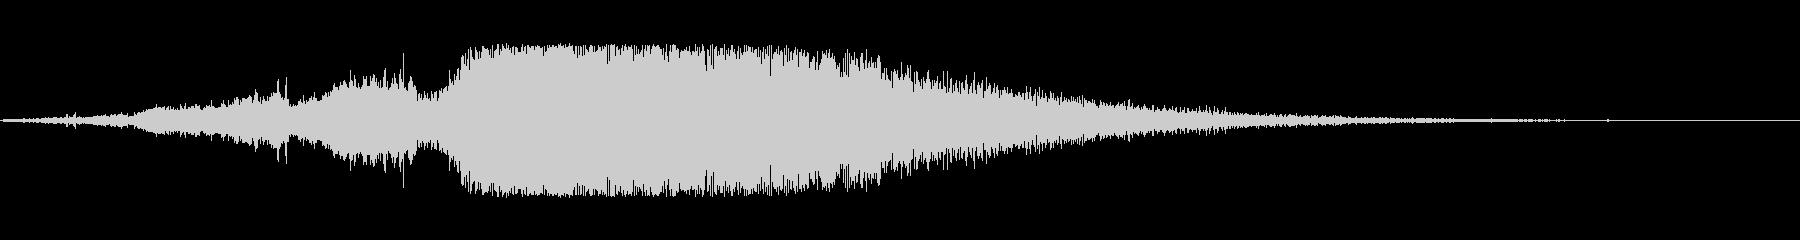 ファンタジーサウンドロゴの未再生の波形